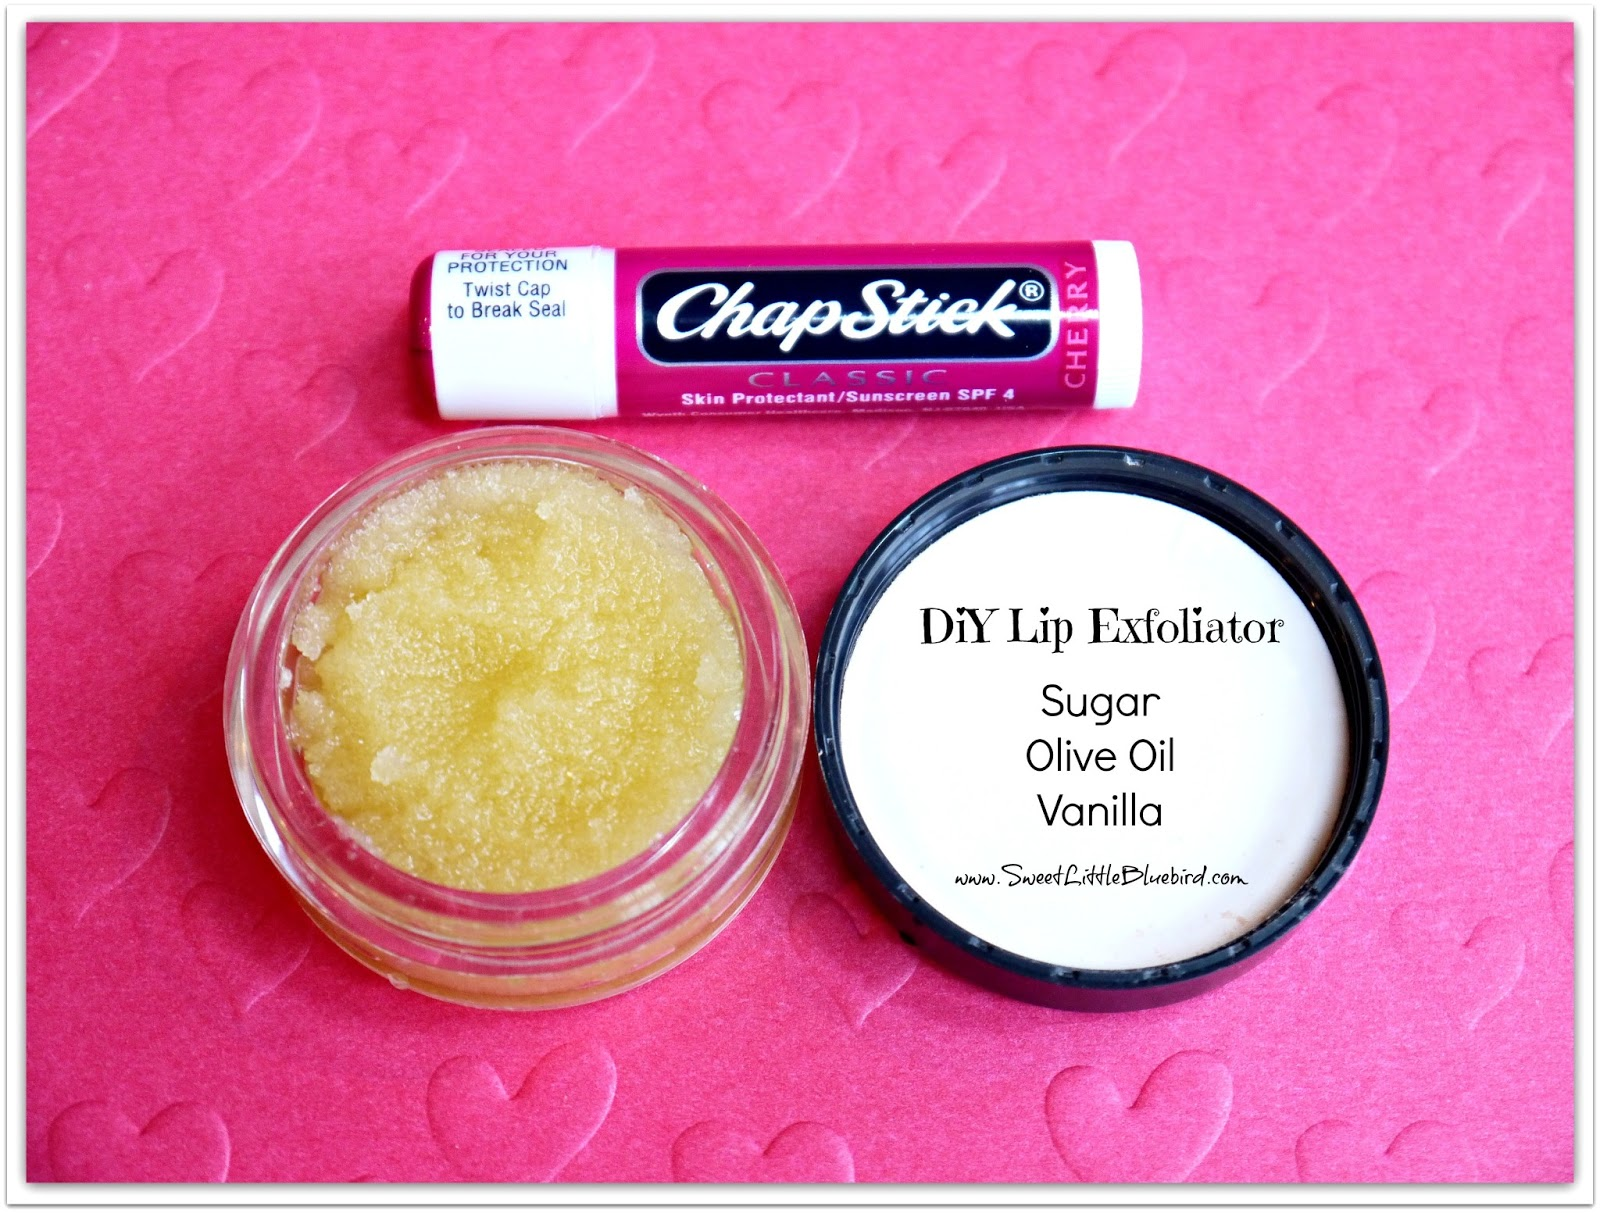 Diy Lip Exfoliator: